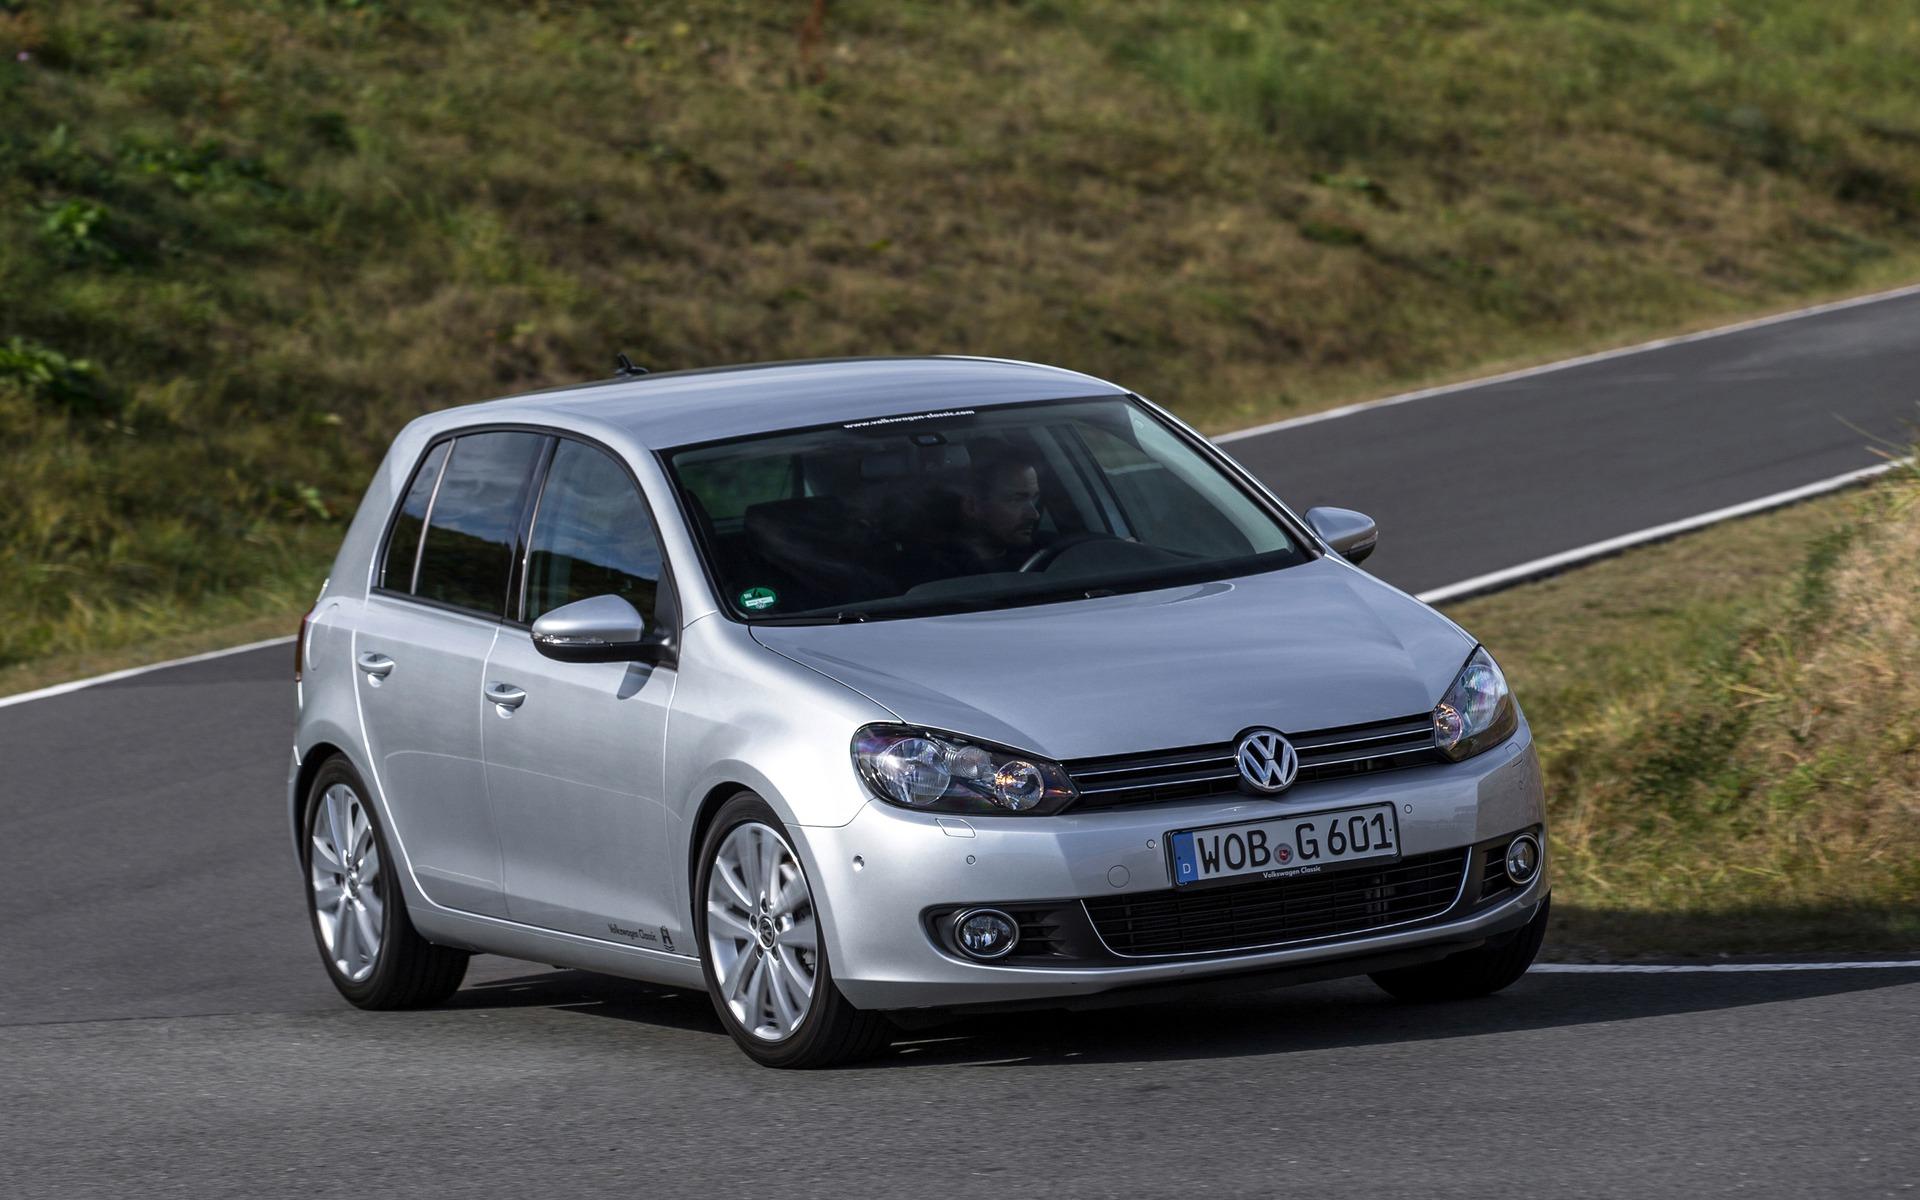 Volkswagen Golf : l'avenir de Volkswagen… depuis 45 ans! 387810_Volkswagen_Golf